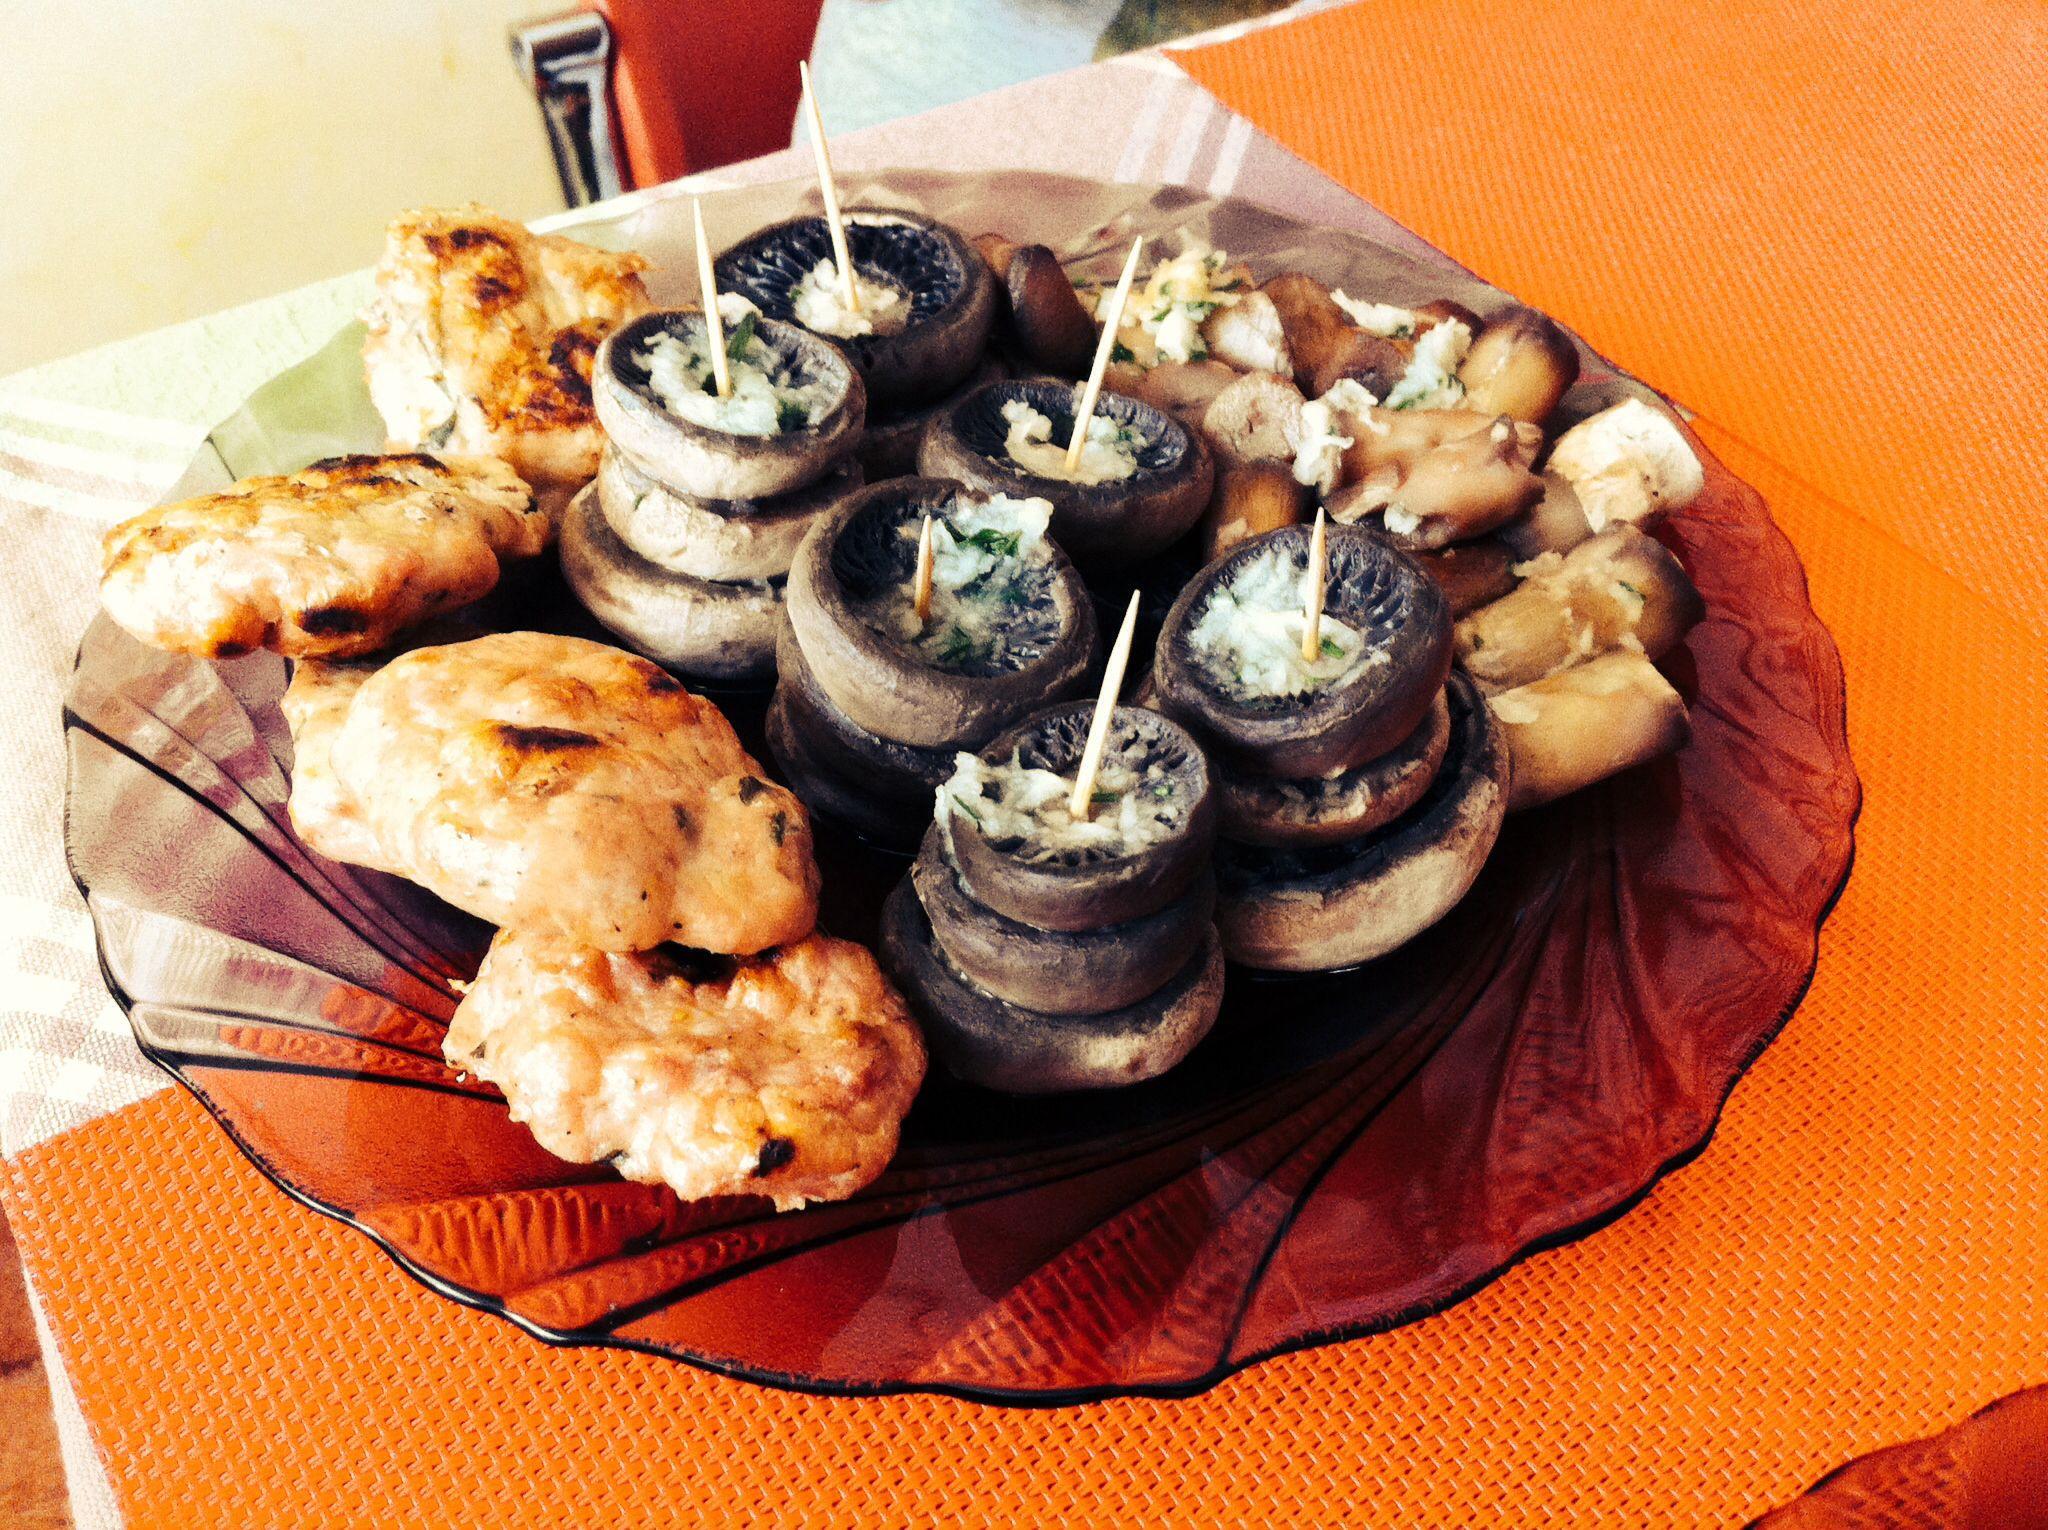 Piept de pui, cartofi natur cu branza rasa, ciuperci la grill și salata de varza 120/200/120g